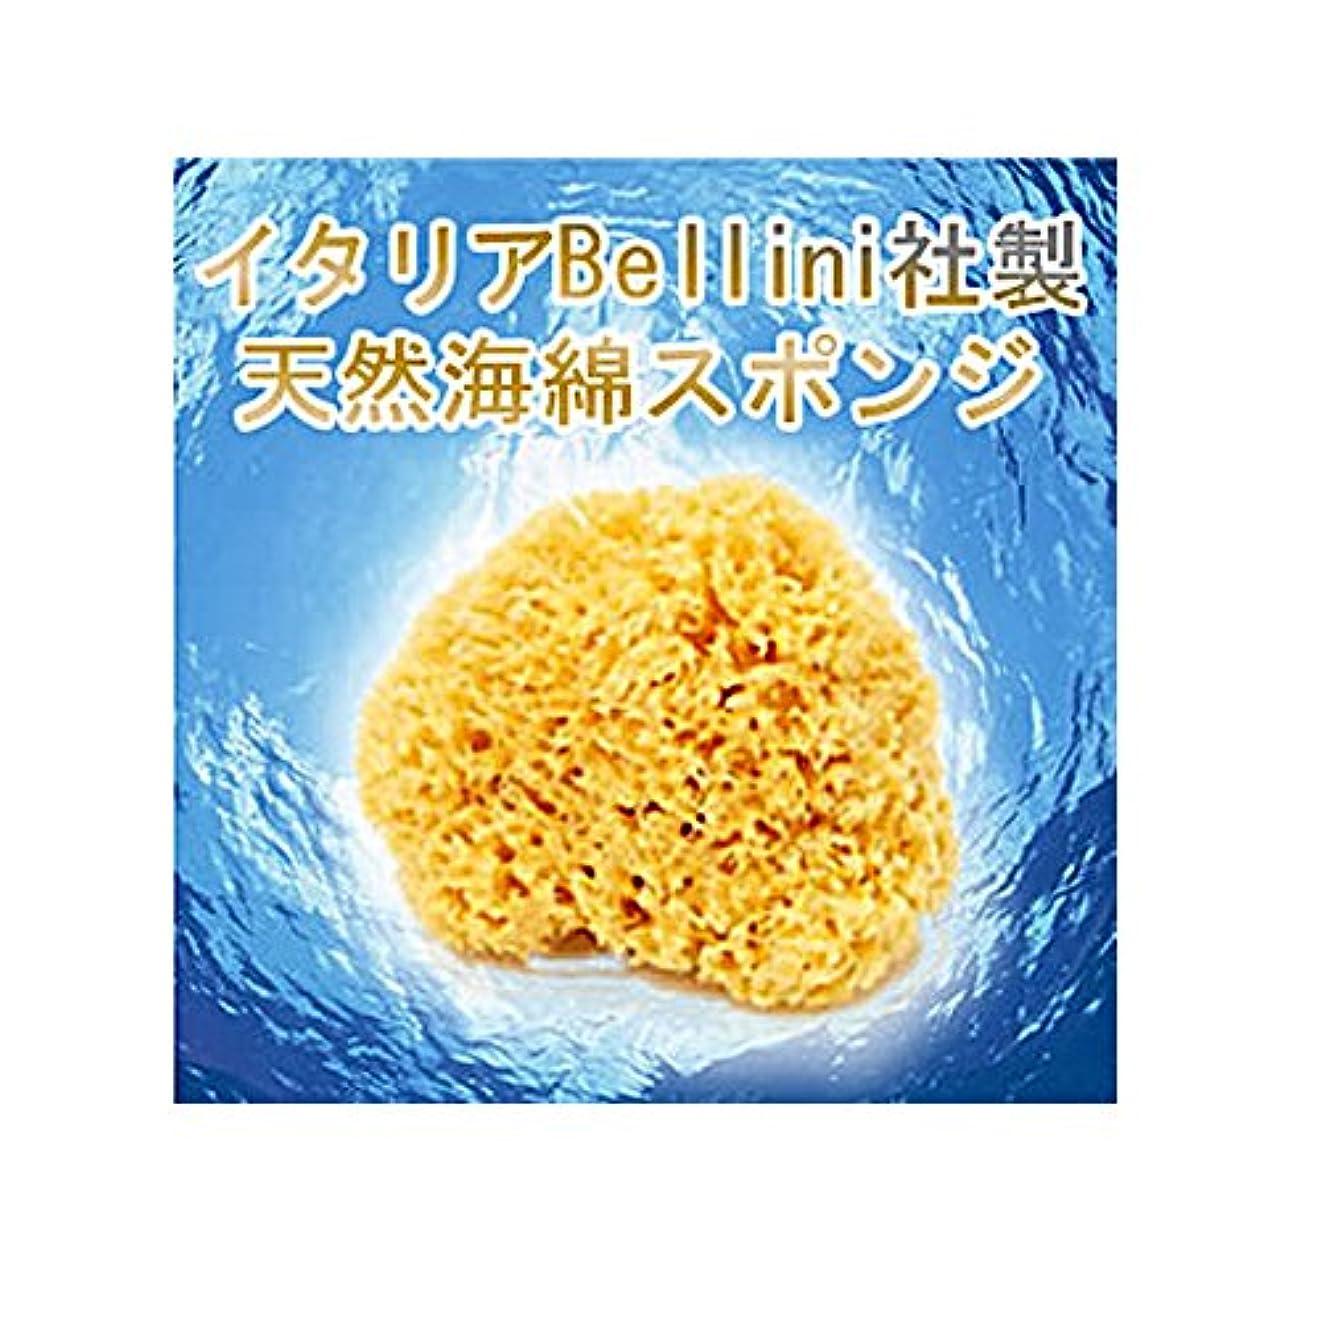 クラシカル乱すじゃないイタリア産最高級天然海綿ハニコム種(16cm)